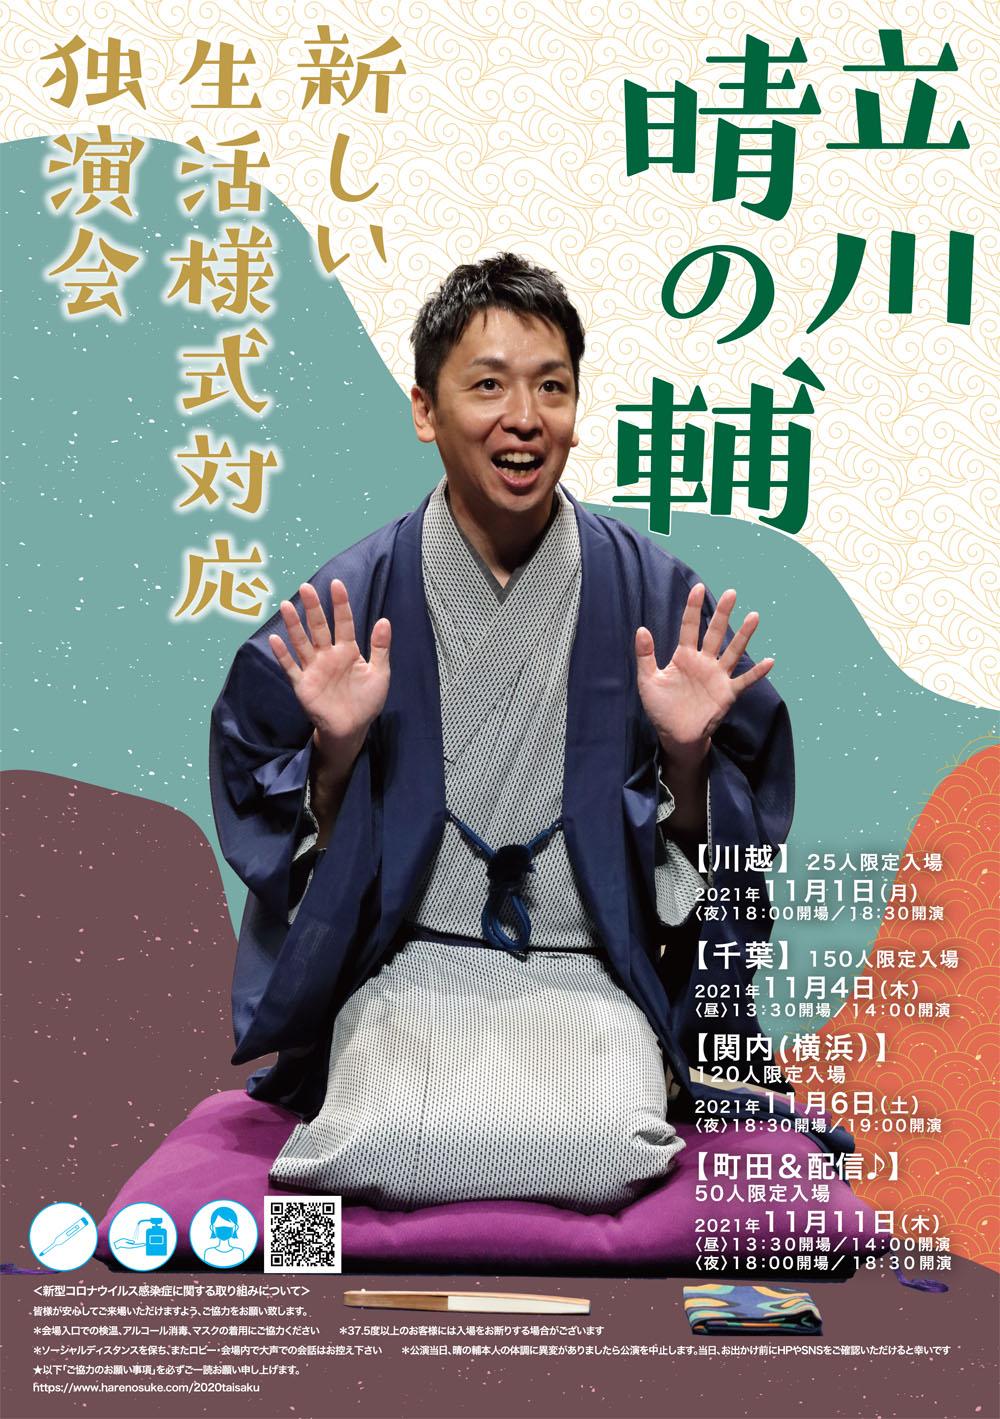 【入場チケット】立川晴の輔新しい生活様式対応独演会(横浜)